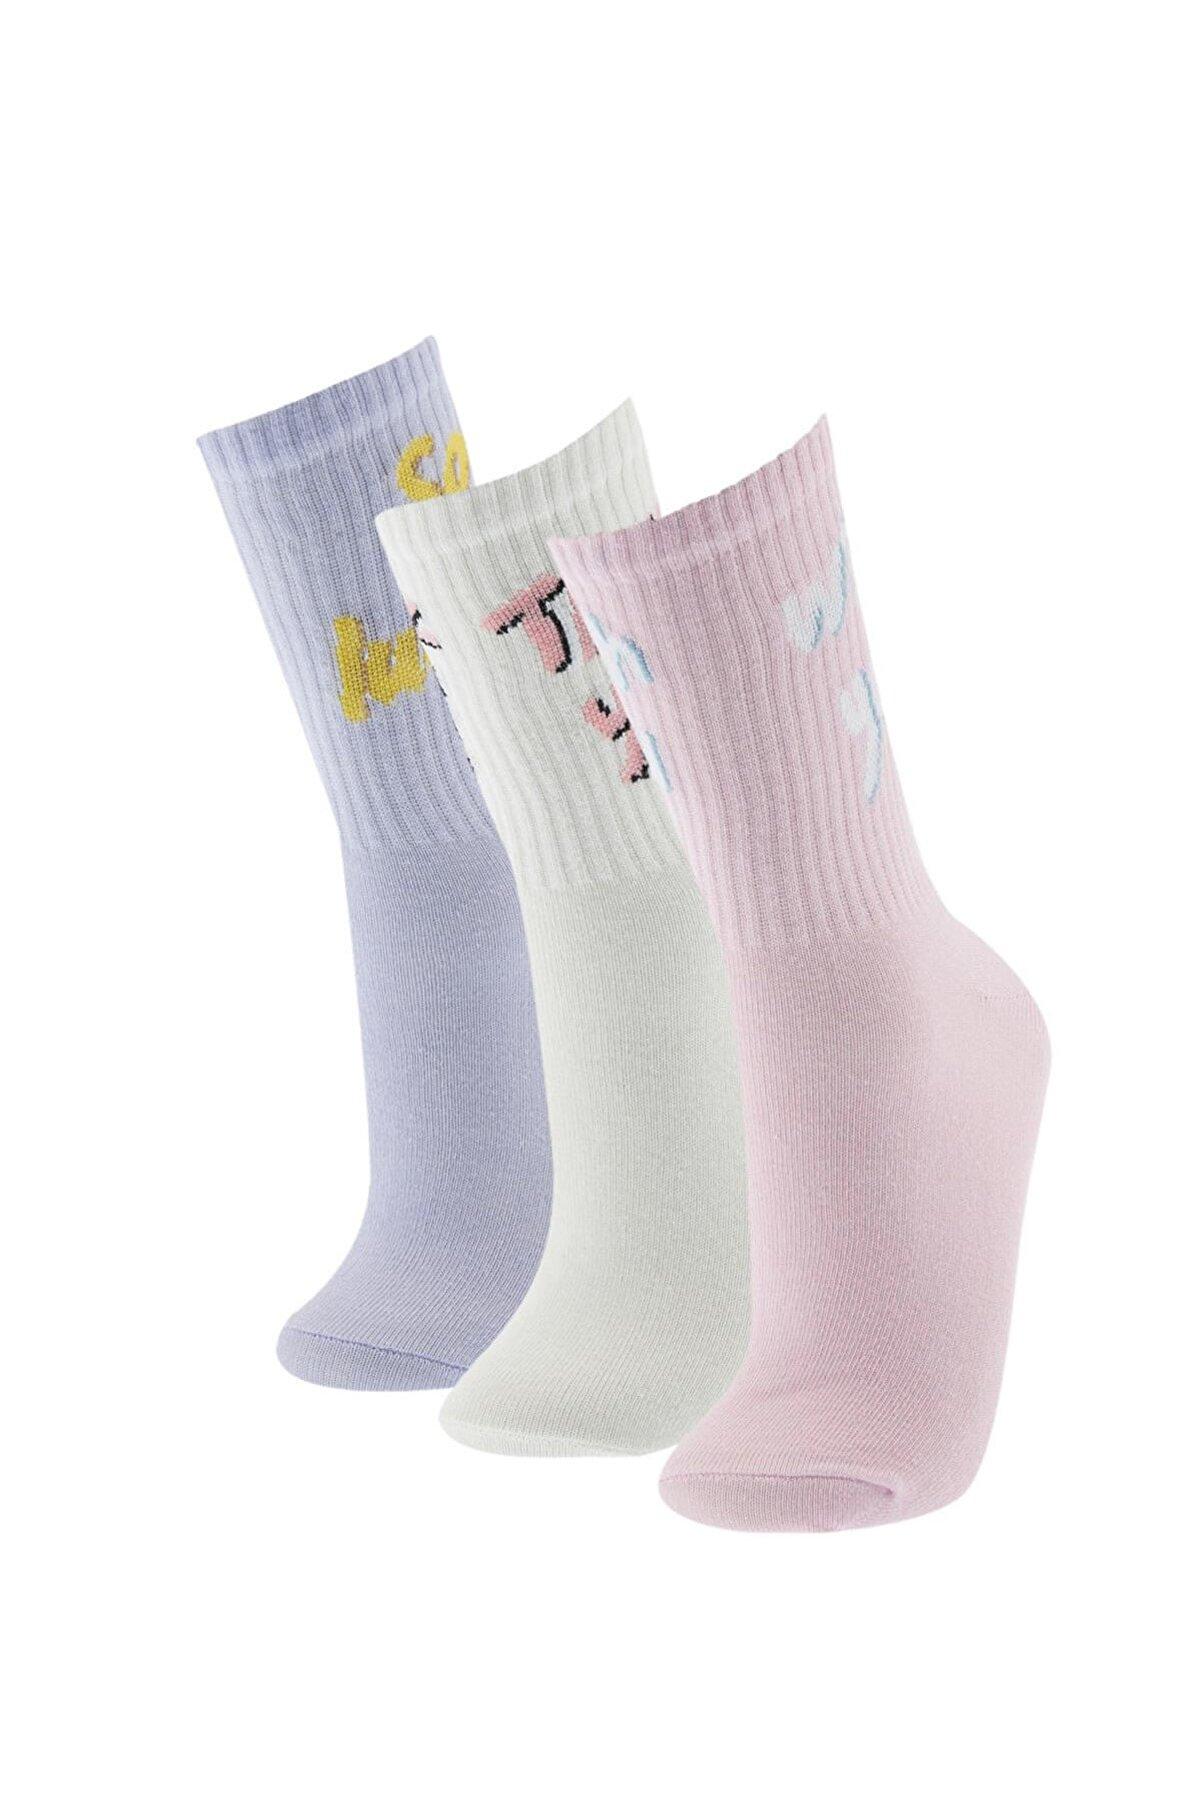 Defacto Kadın Çok Renkli Desenli 3'lü Soket Çorap T7539AZ21SP